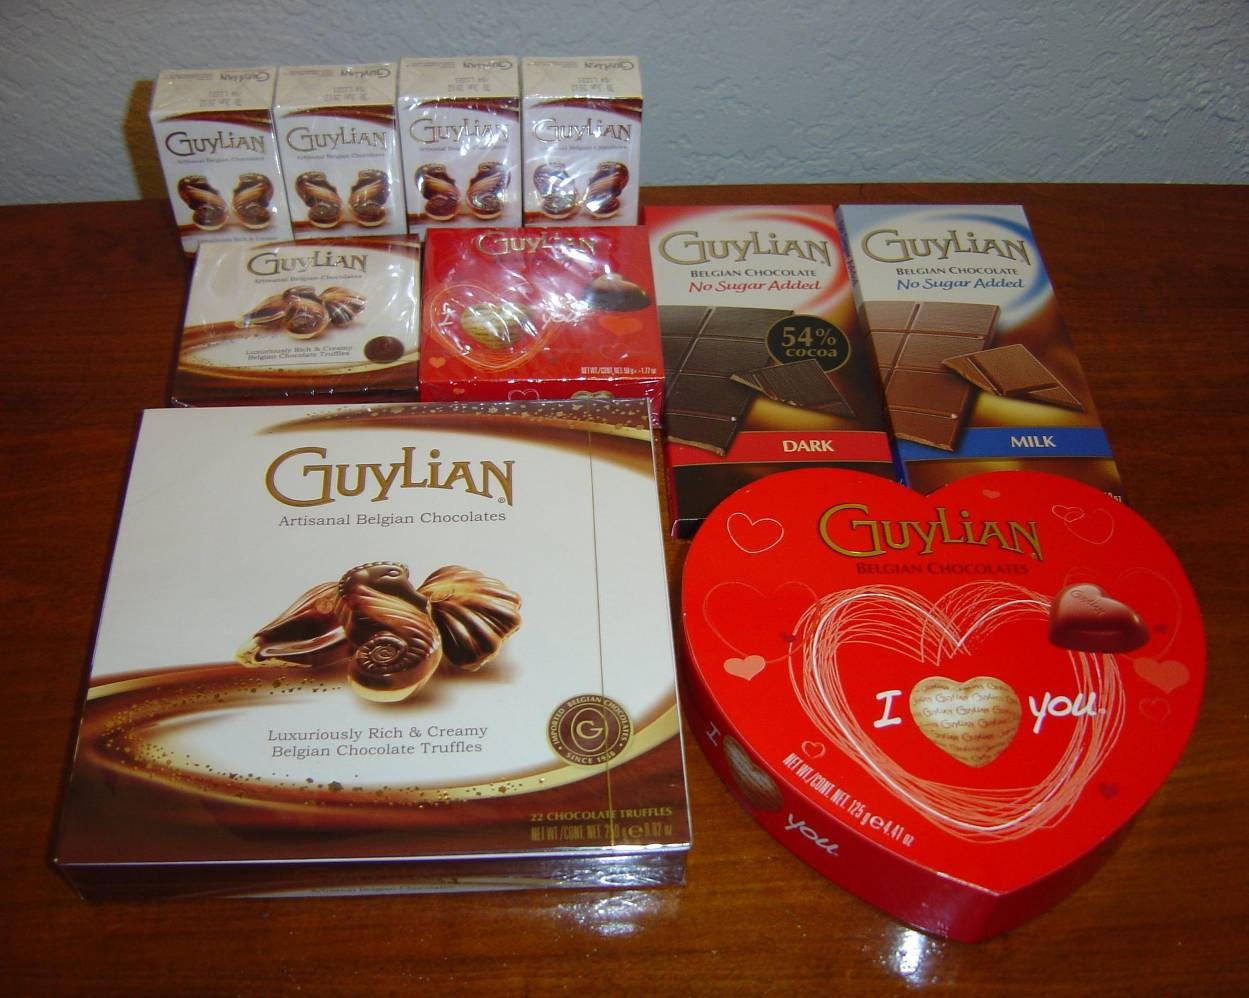 Guylian Artisanal Belgian Chocolate Truffles assortment